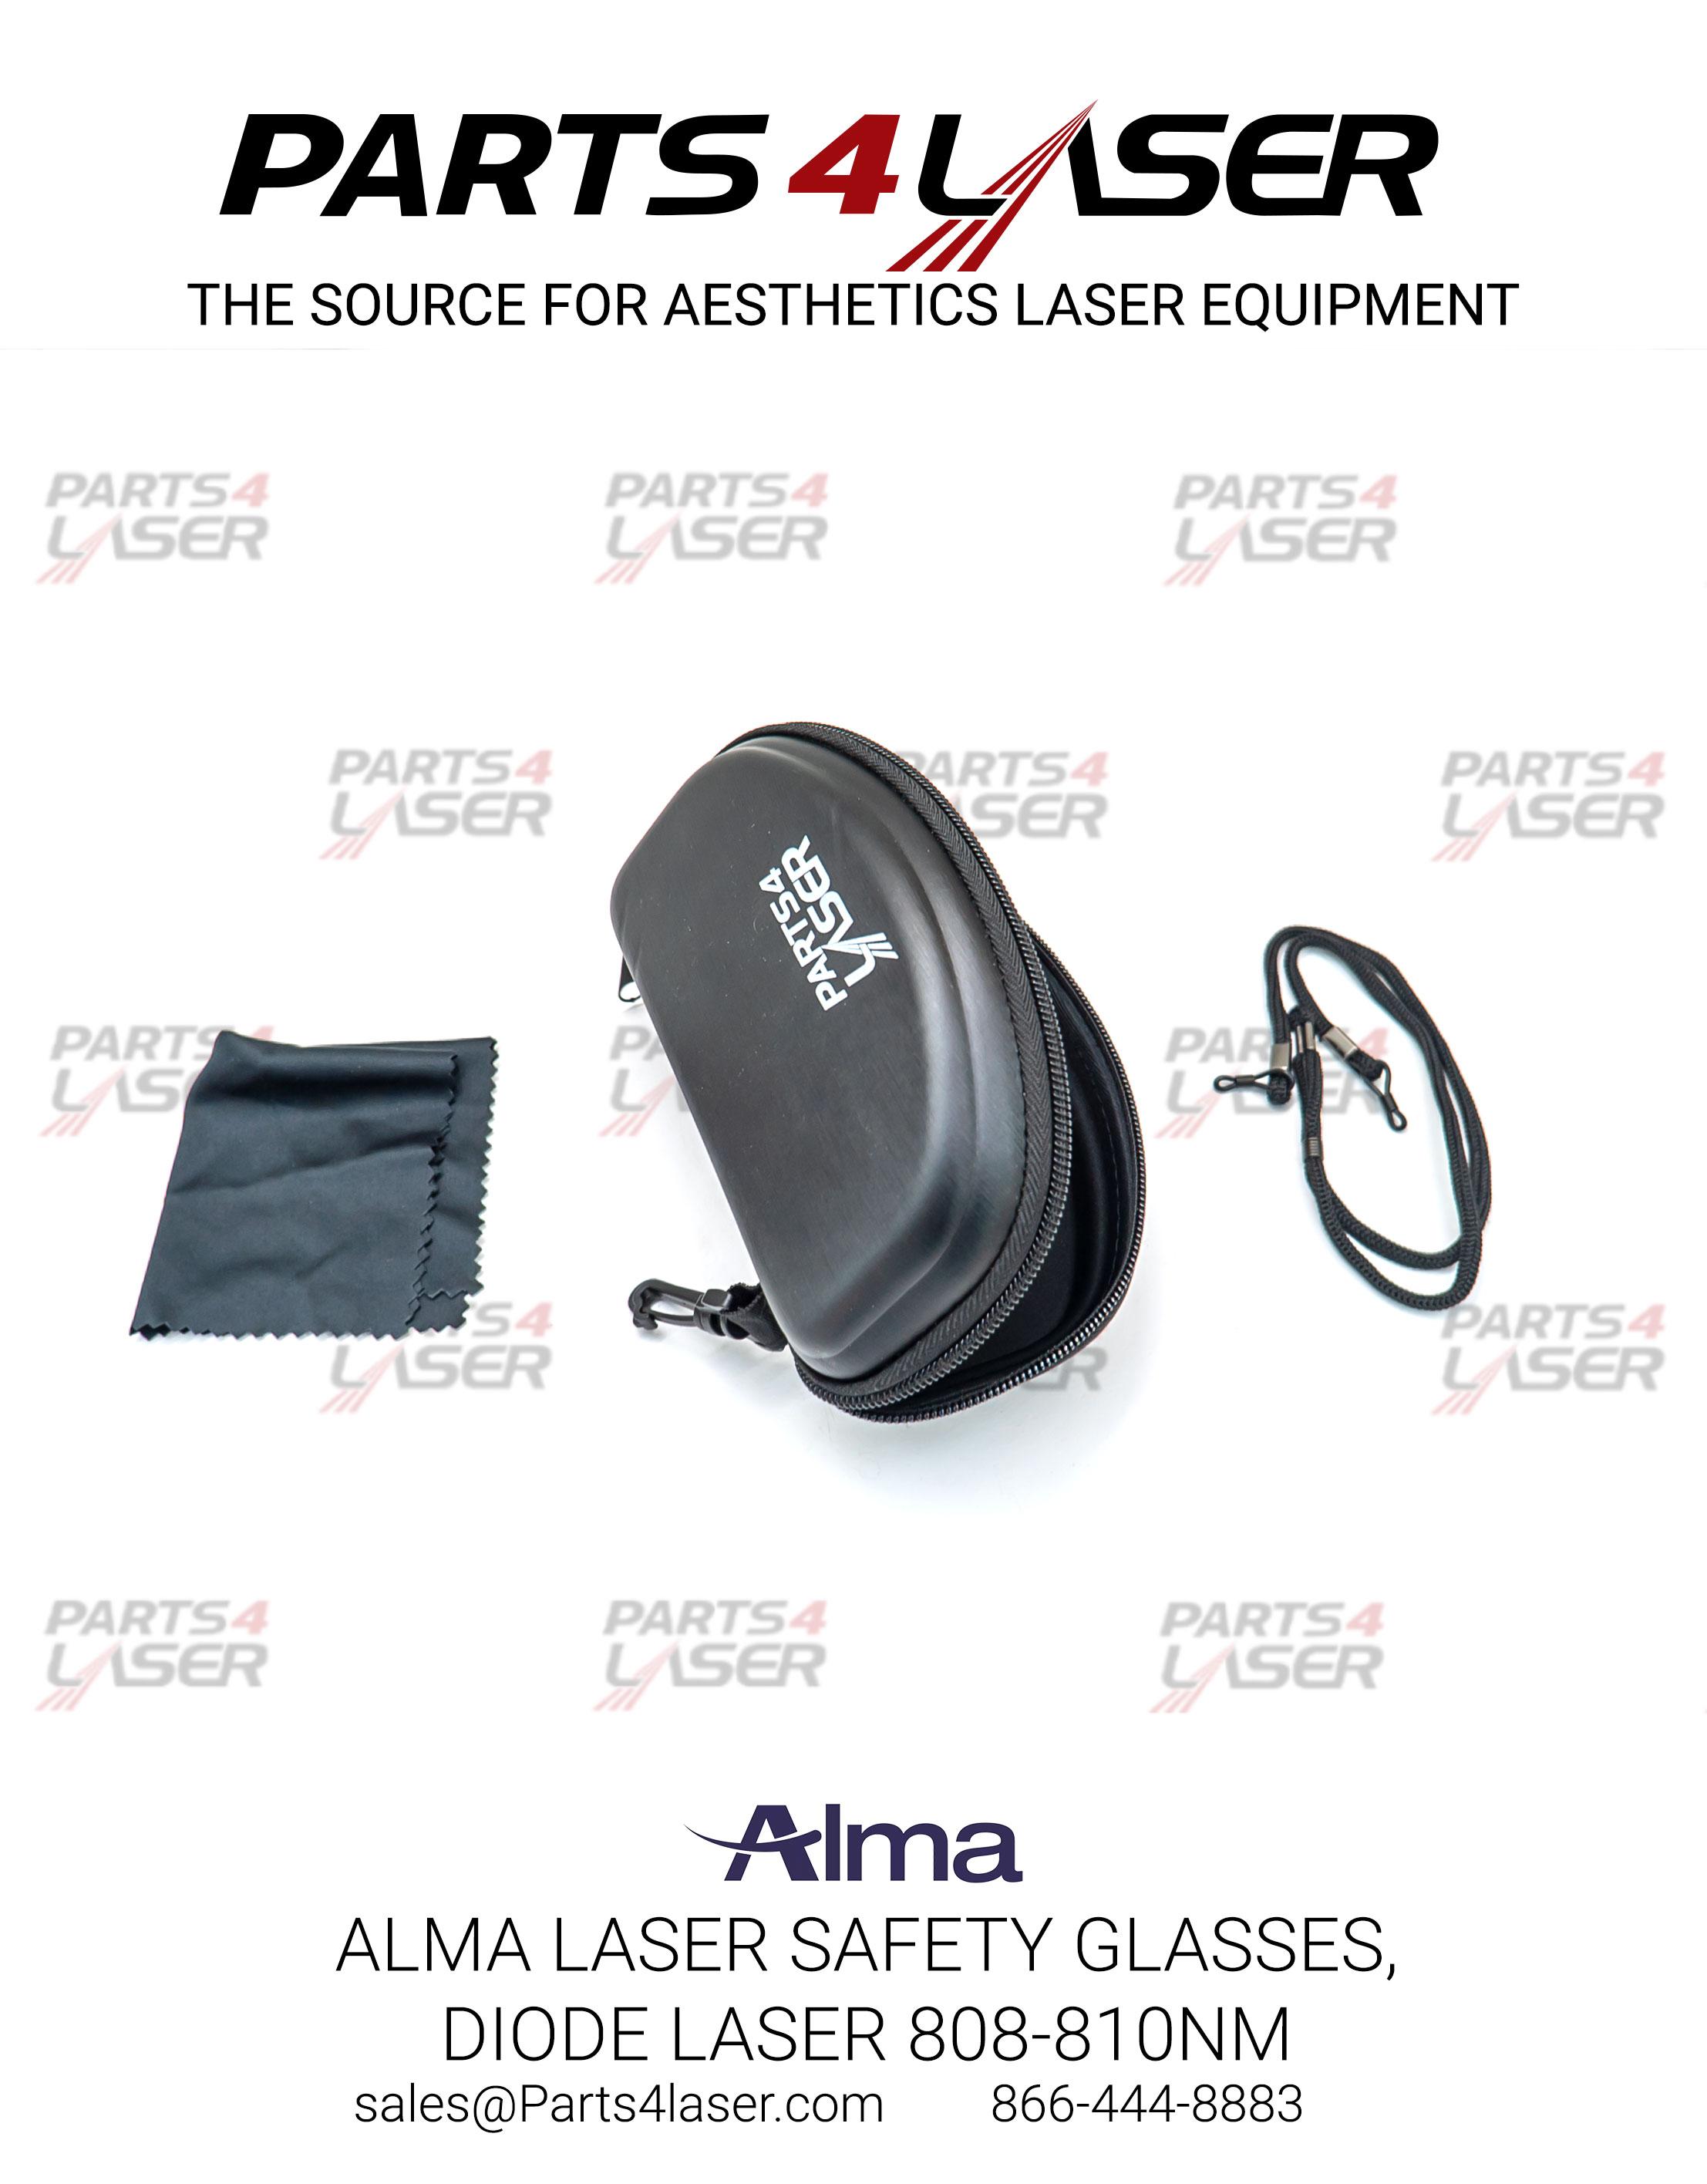 ALMA LASER SAFETY GLASSES, DIODE LASER 808-810nm